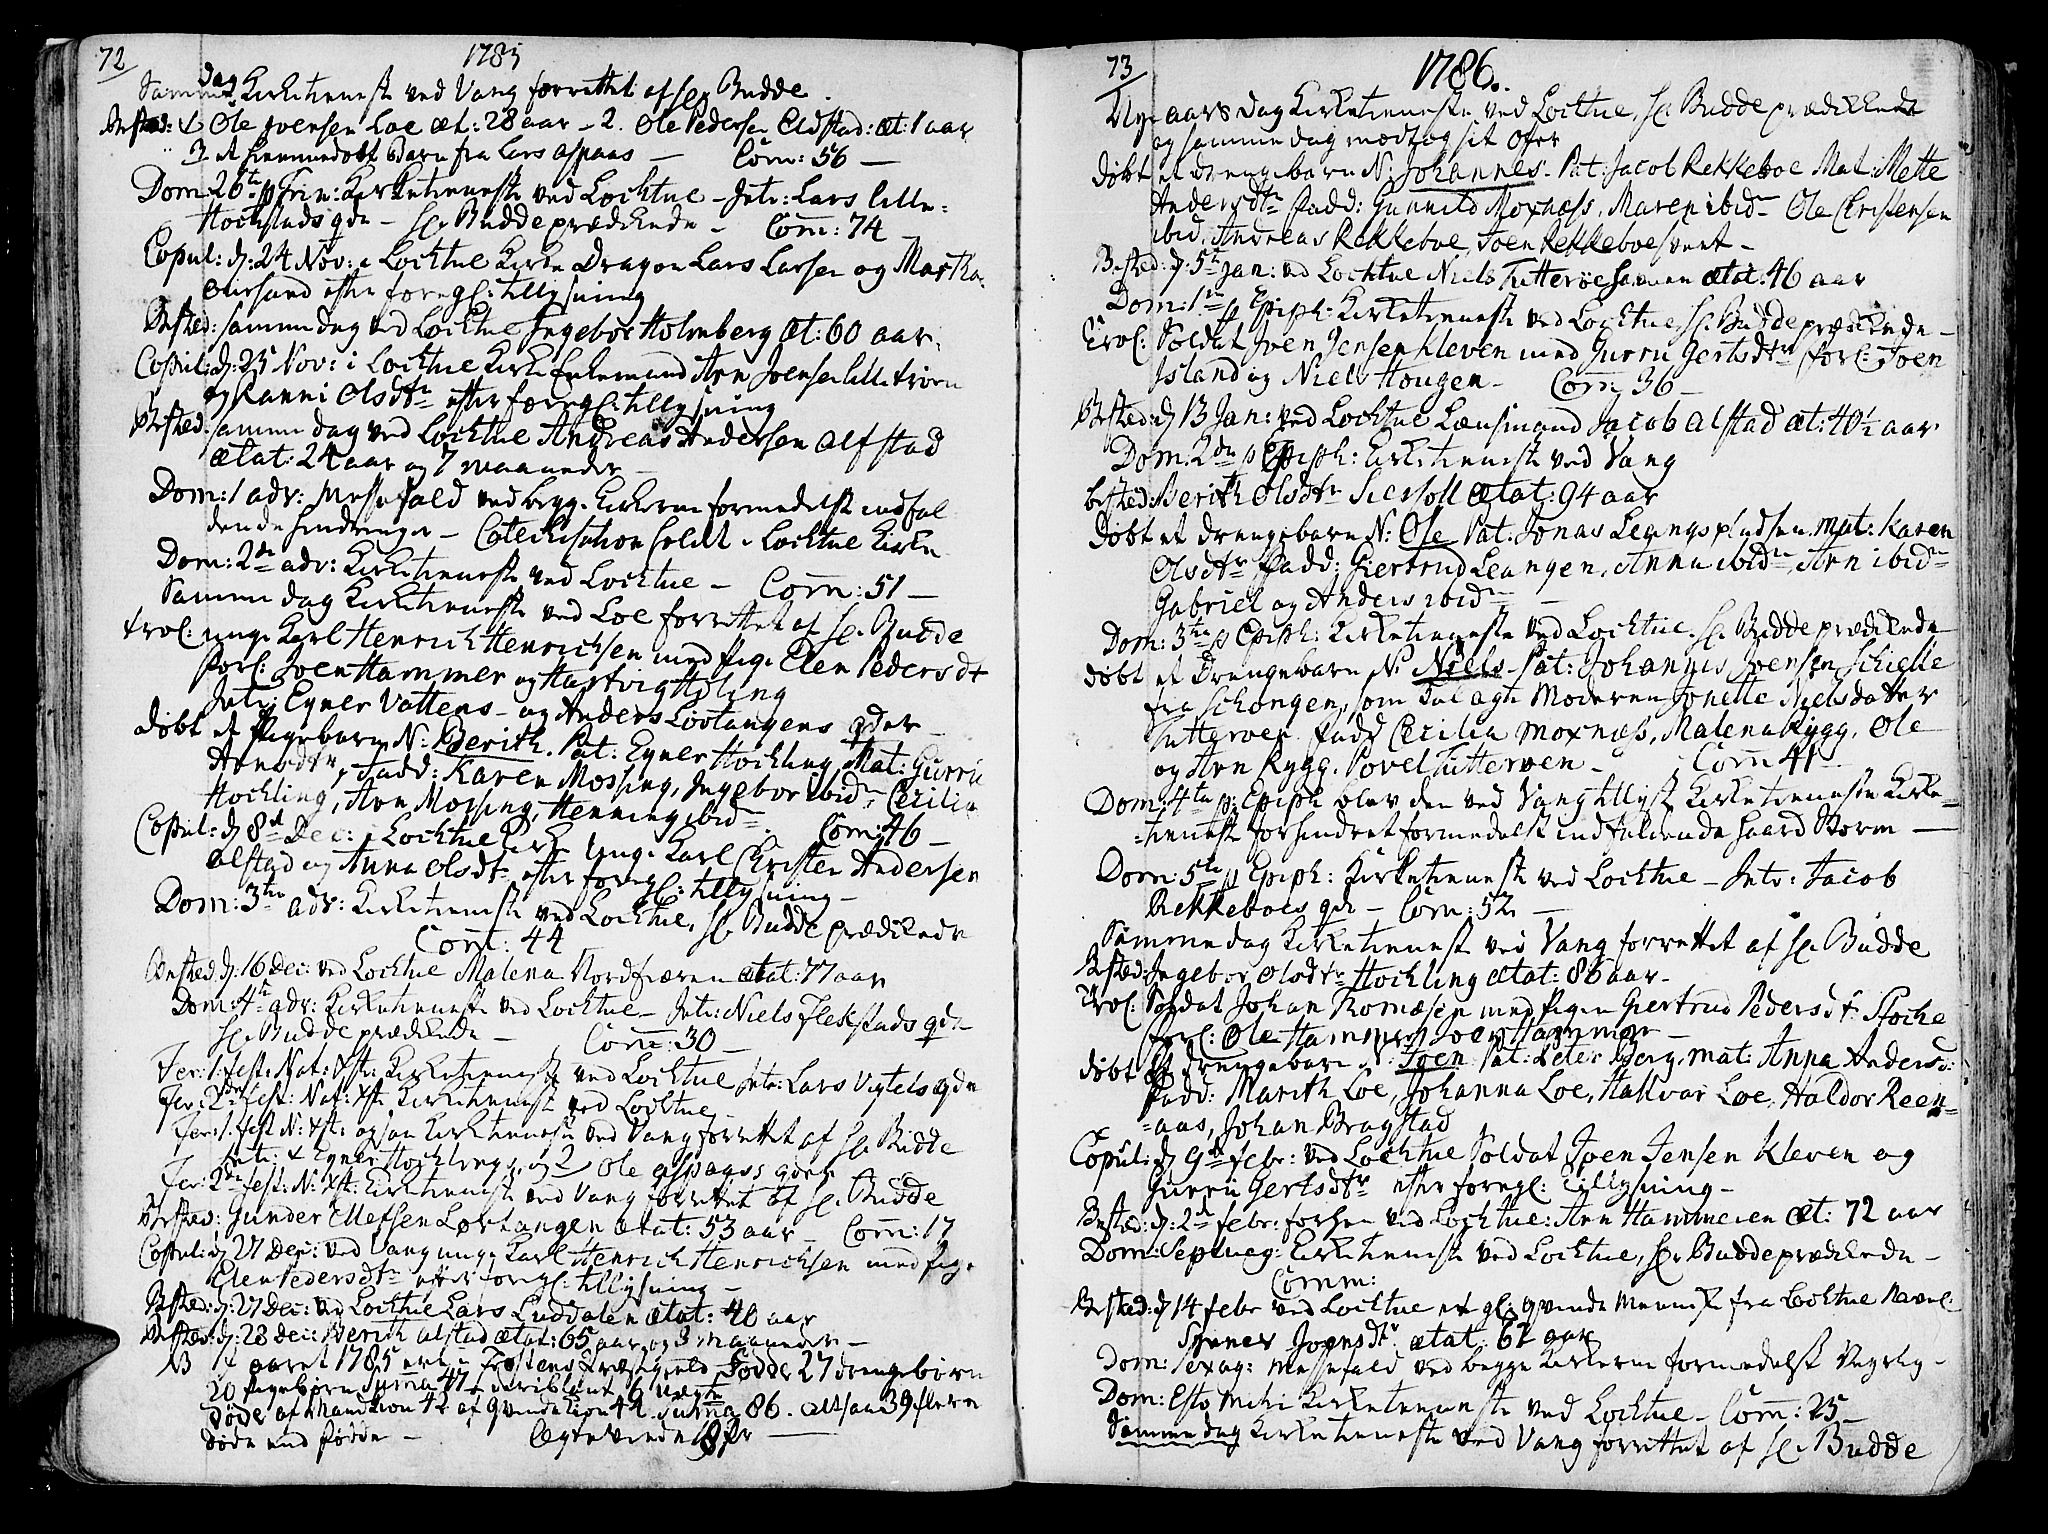 SAT, Ministerialprotokoller, klokkerbøker og fødselsregistre - Nord-Trøndelag, 713/L0110: Ministerialbok nr. 713A02, 1778-1811, s. 72-73